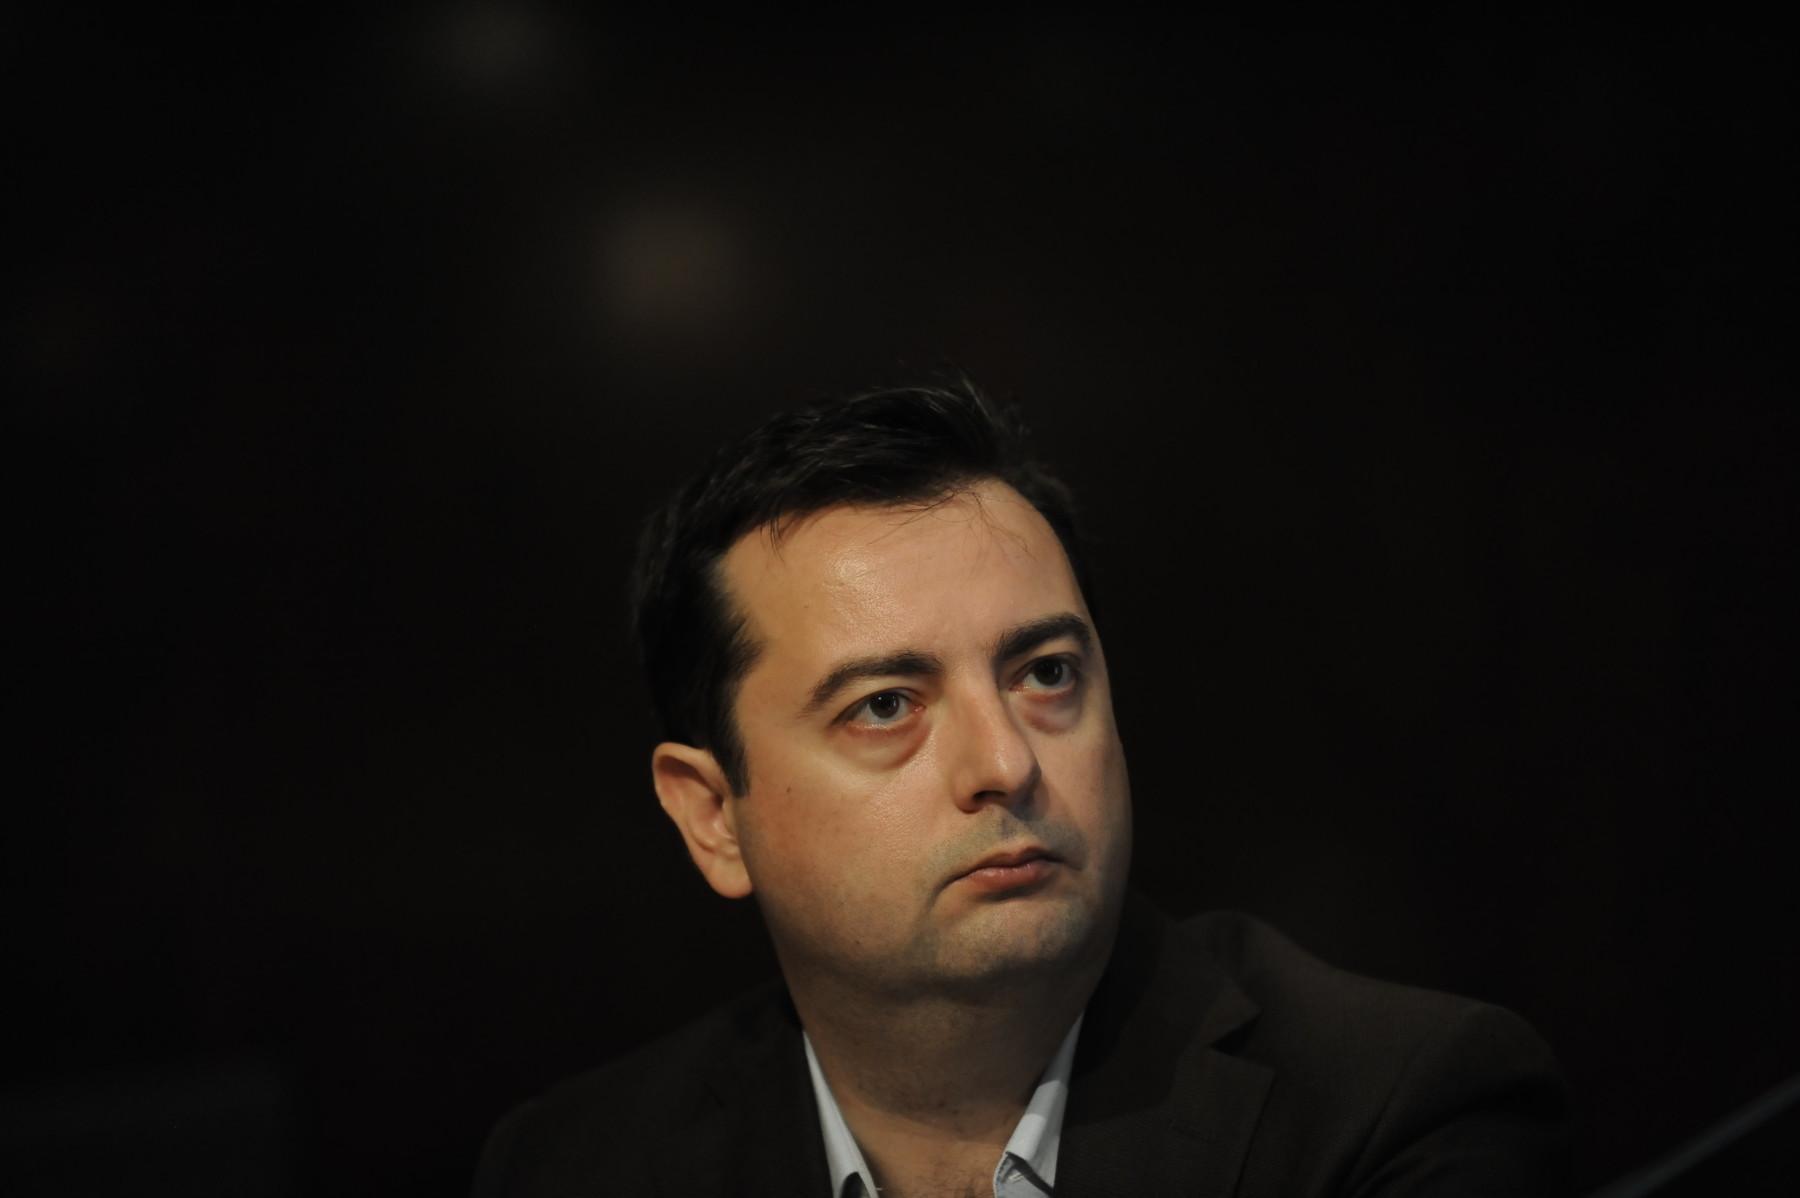 Γιάννης Παπαδογιάννης, Δημοσιογράφος, δημιουργός του BusinessDaily.gr. Φωτ. Εurokinissi/Τατιάνα Μπόλαρη